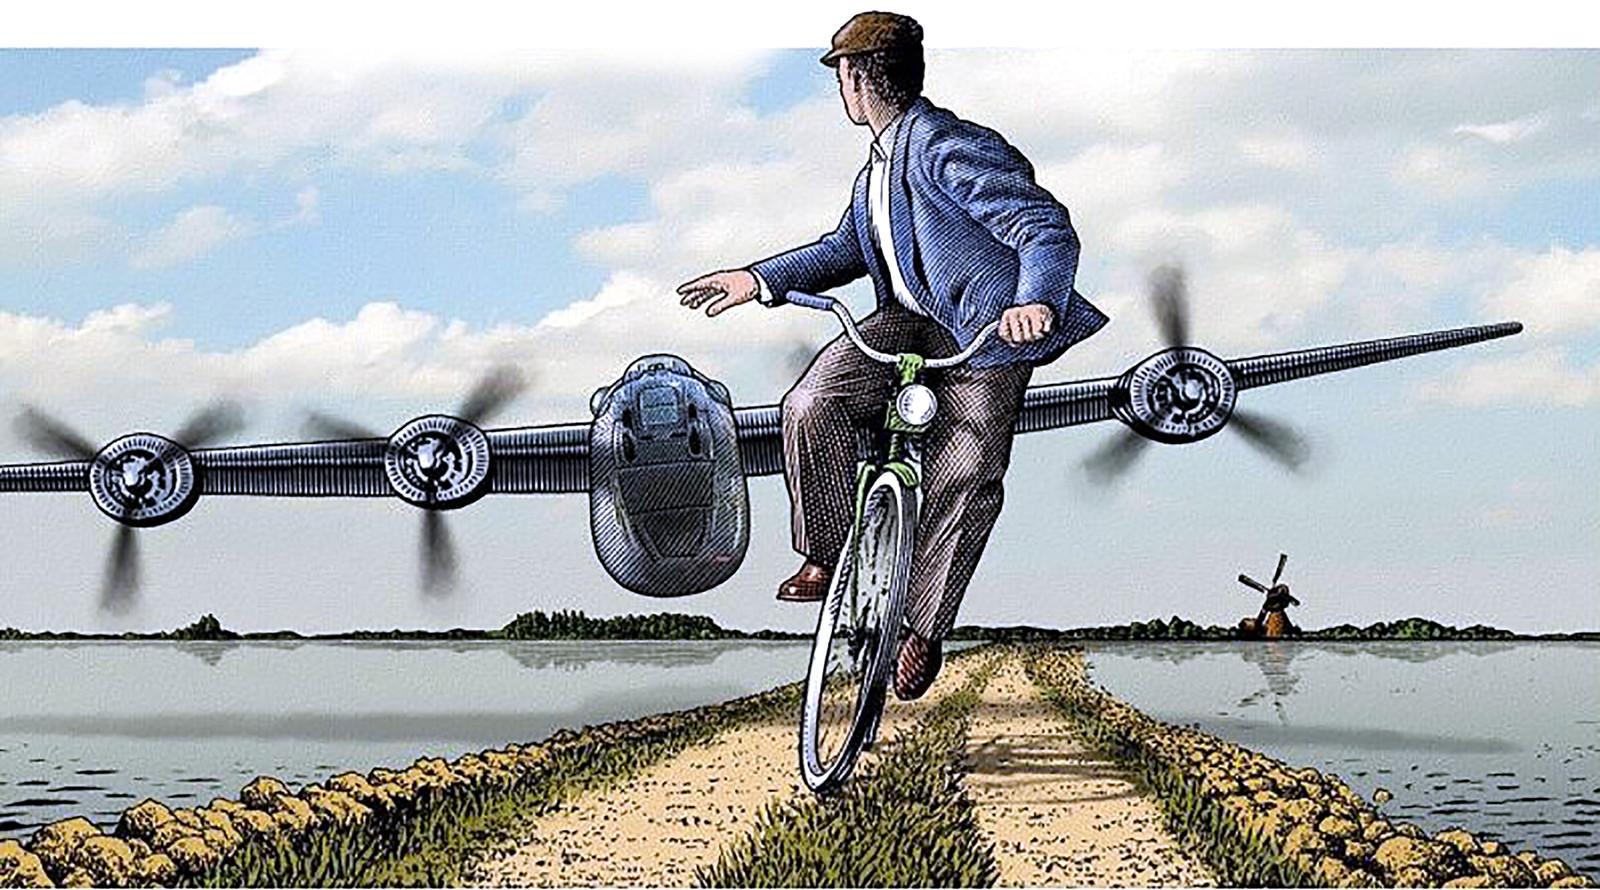 Piloot Haynes Baumgardner vliegt met Liberator bommenwerper laag over West-Brabant in 1944. Geert Krijnen uit Zevenbergen duikt van zijn fiets.